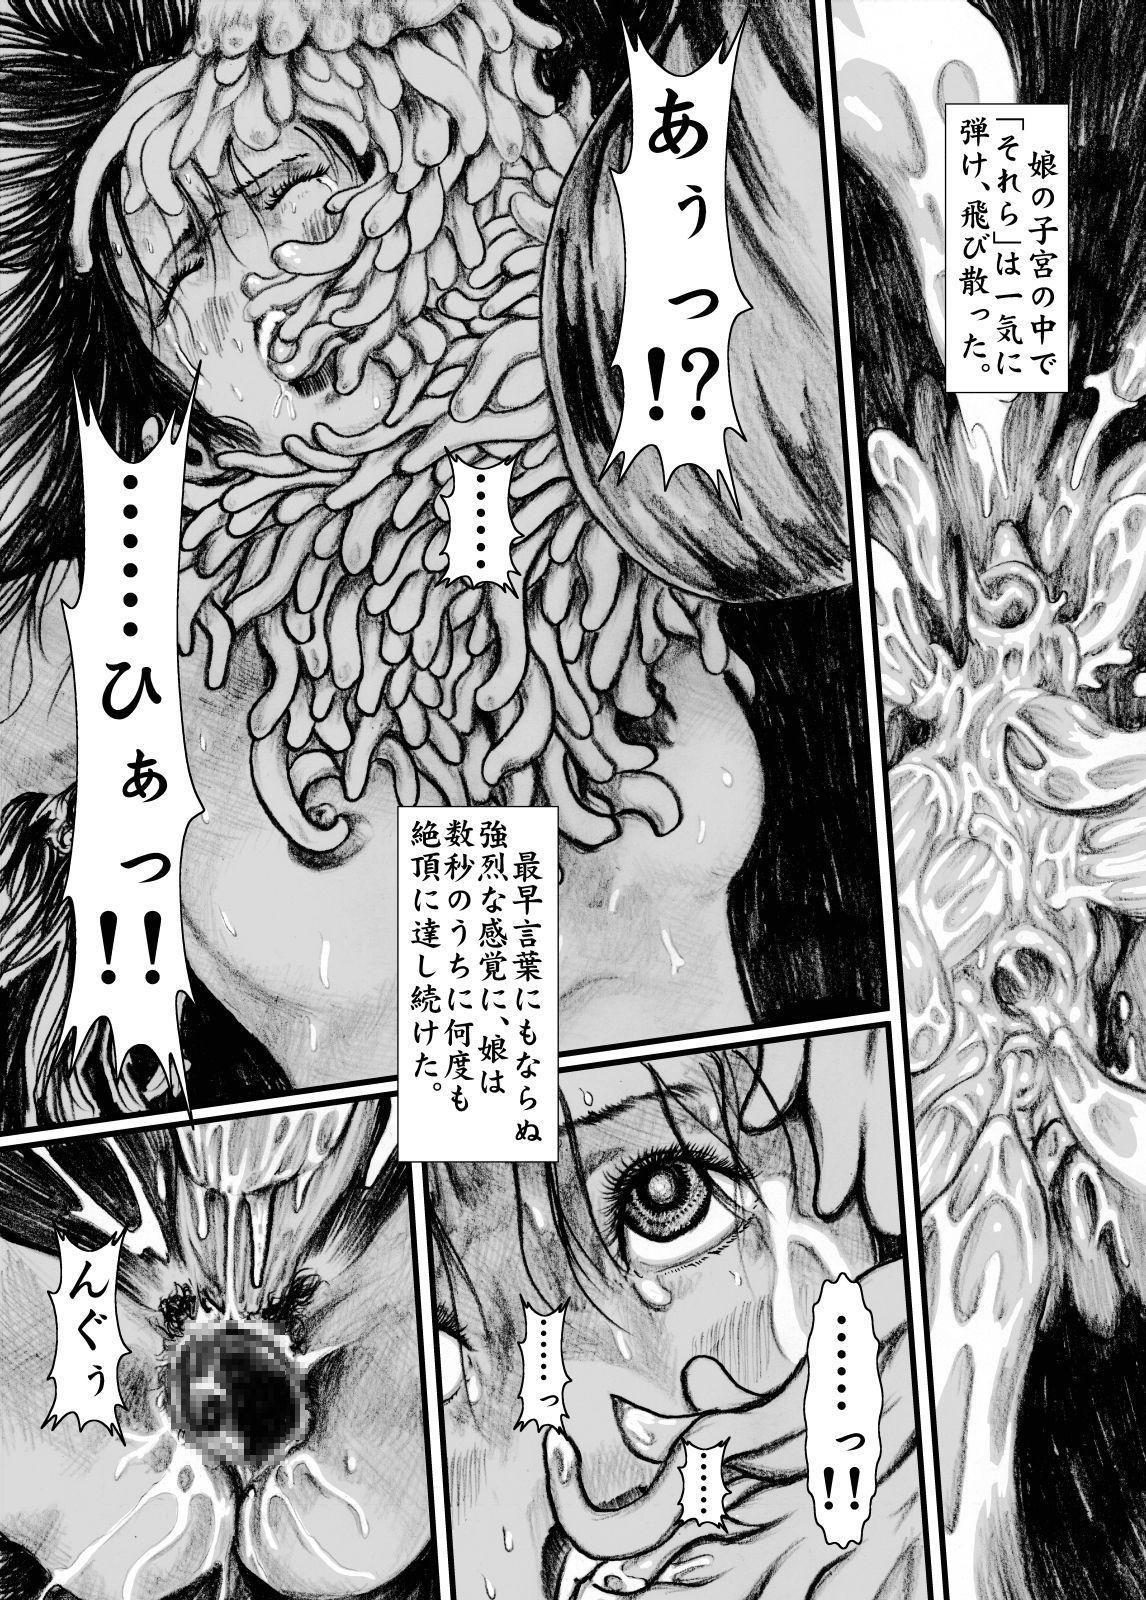 maguma no ikenie kijin-ro 13